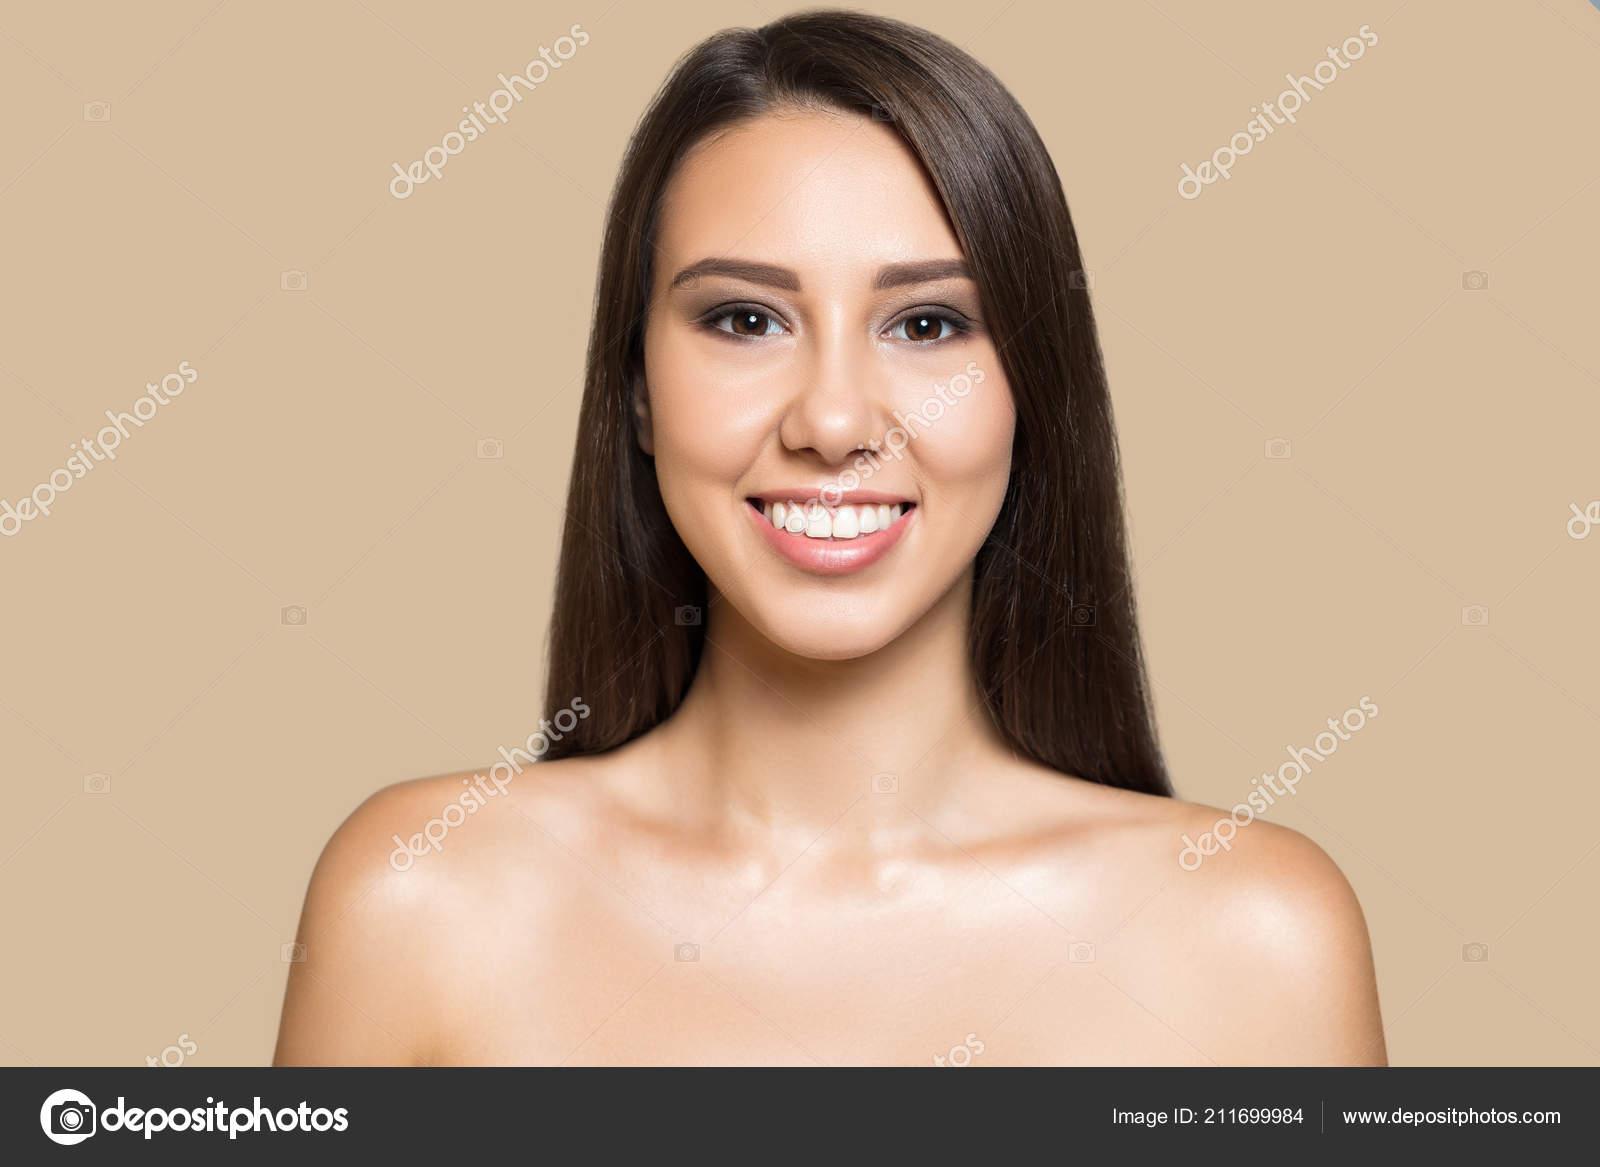 Porträt Von Hübsches Junges Mädchen Mit Langen Dunklen Haaren Und —  Stockfoto fb2f4c0fd9